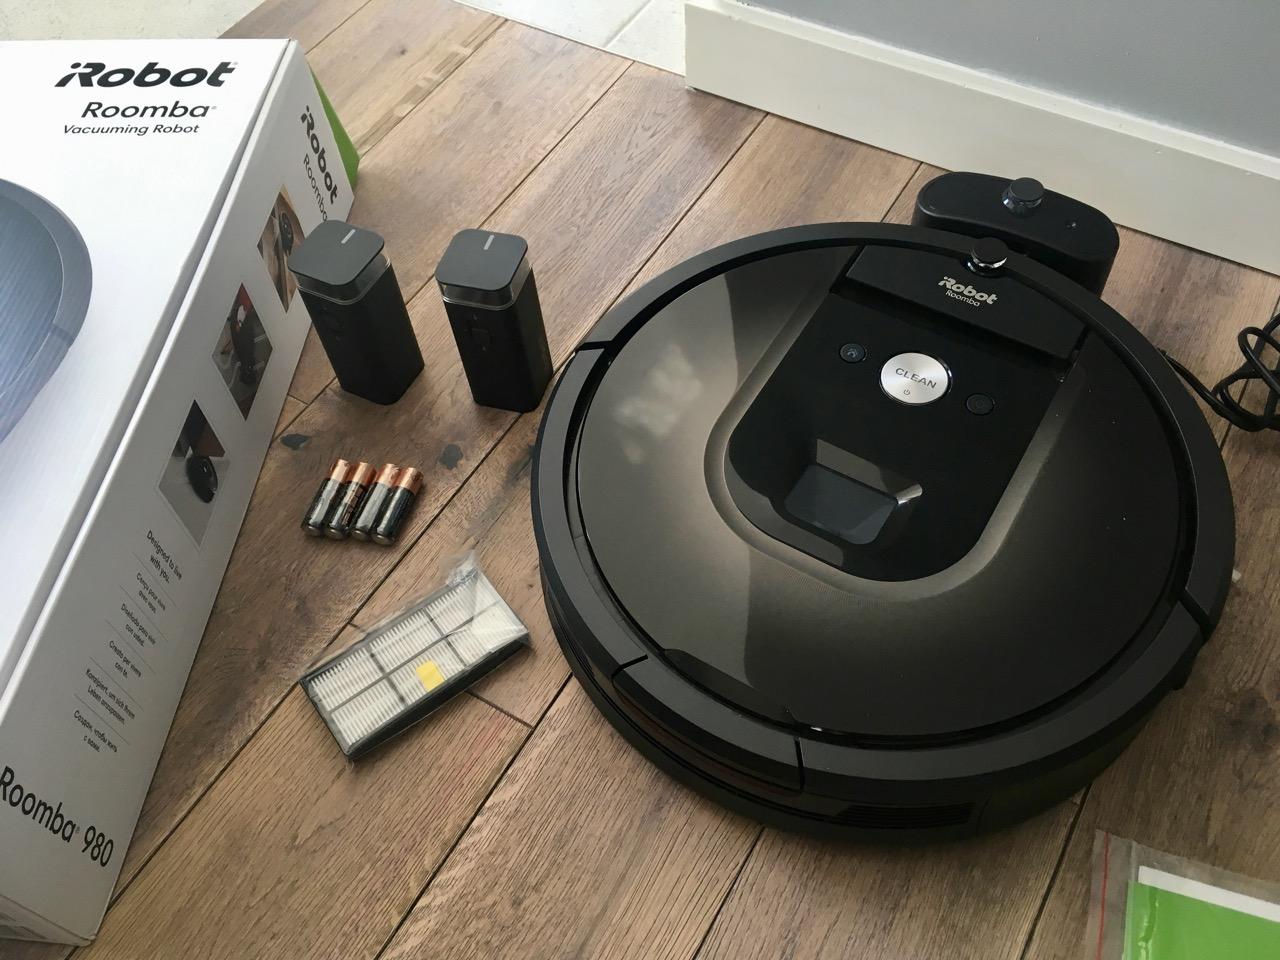 Recenzja robota sprzątającego iRobot Roomba 980